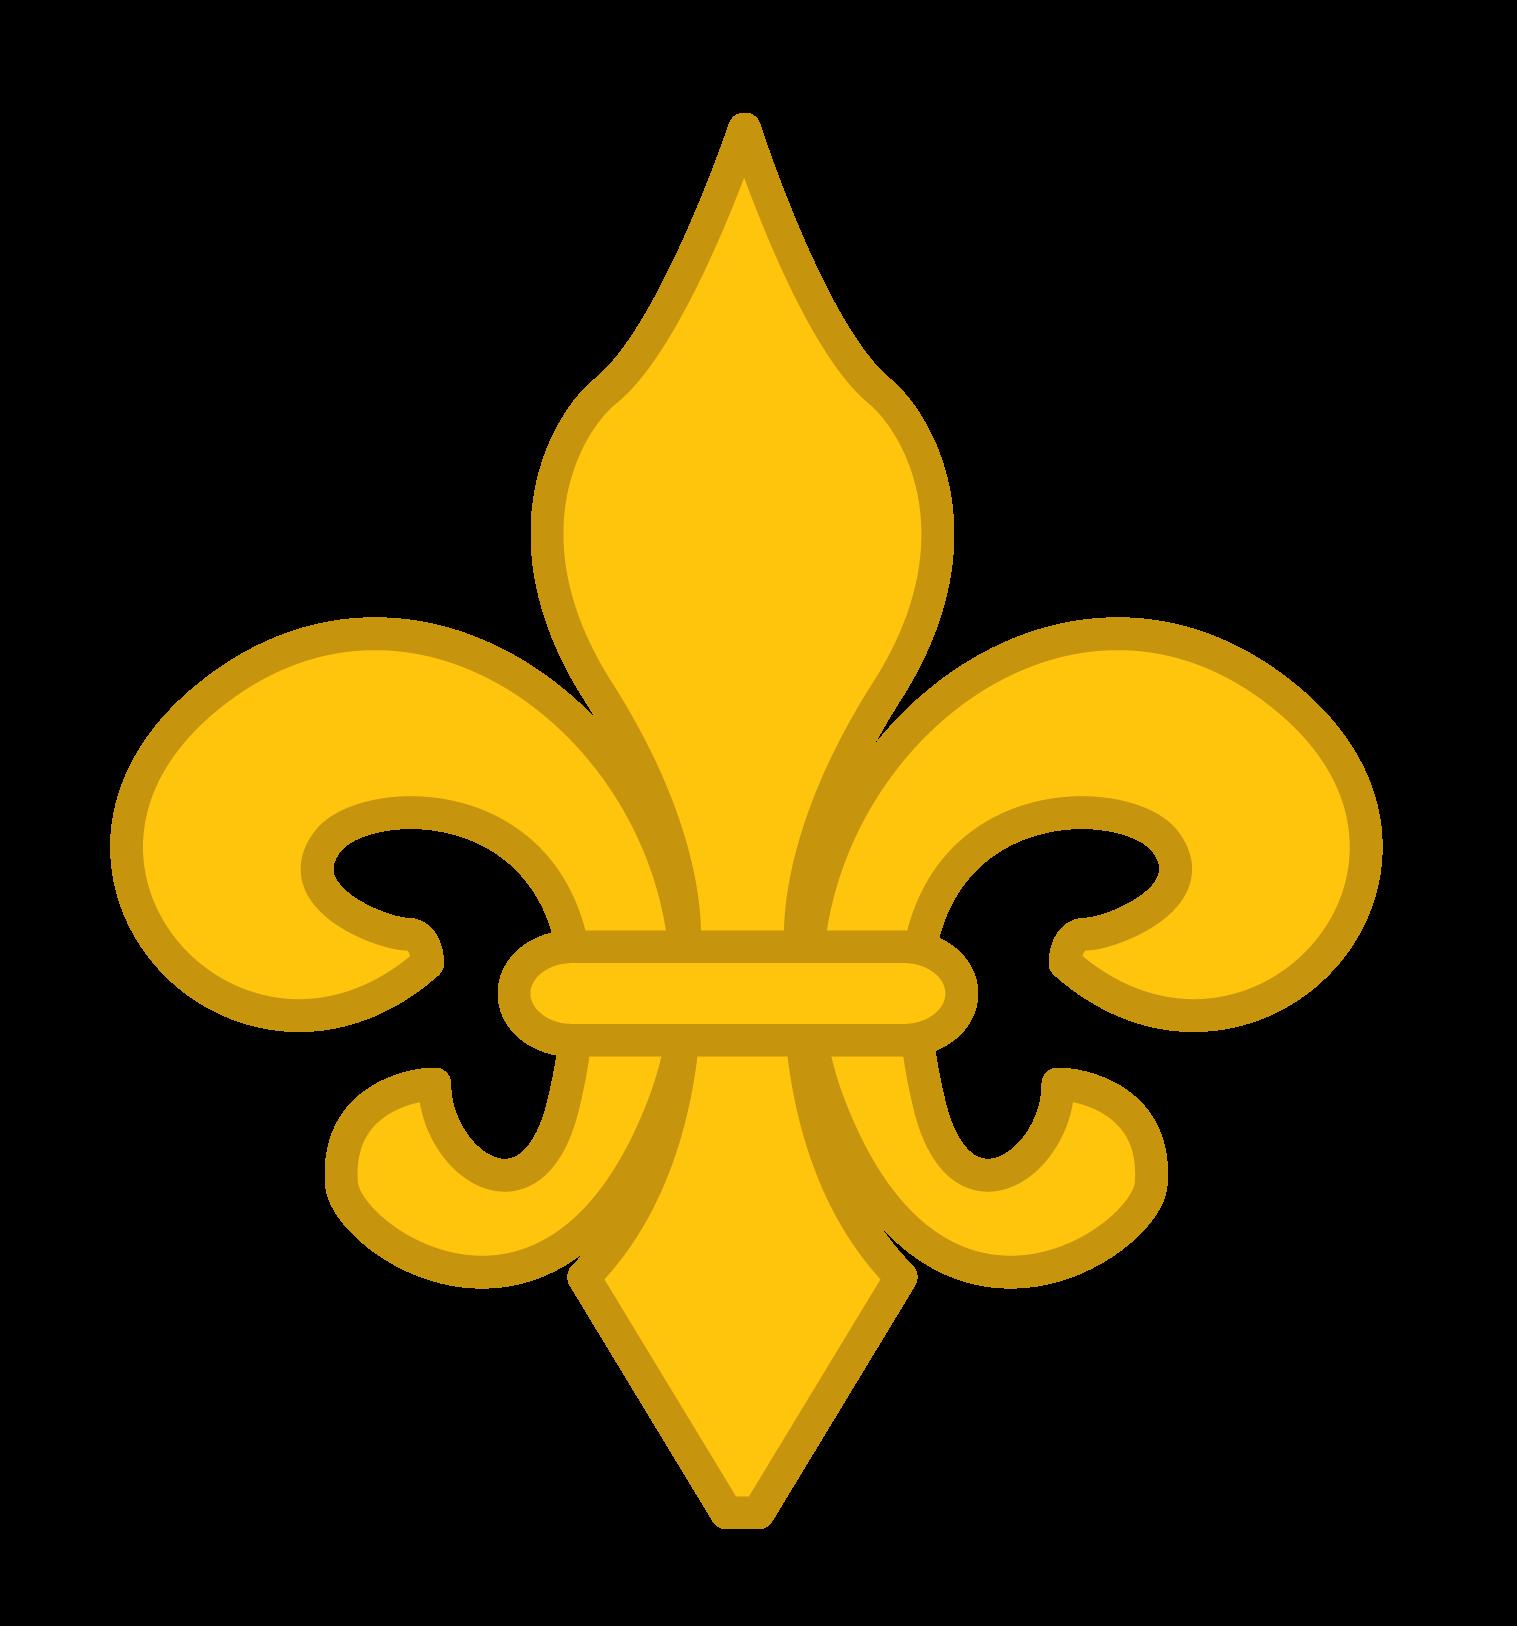 Fleur d lis clipart vector freeuse stock Simple Gold Fleur de Lis Clip Art - New Orleans Free Vector Clip Art vector freeuse stock